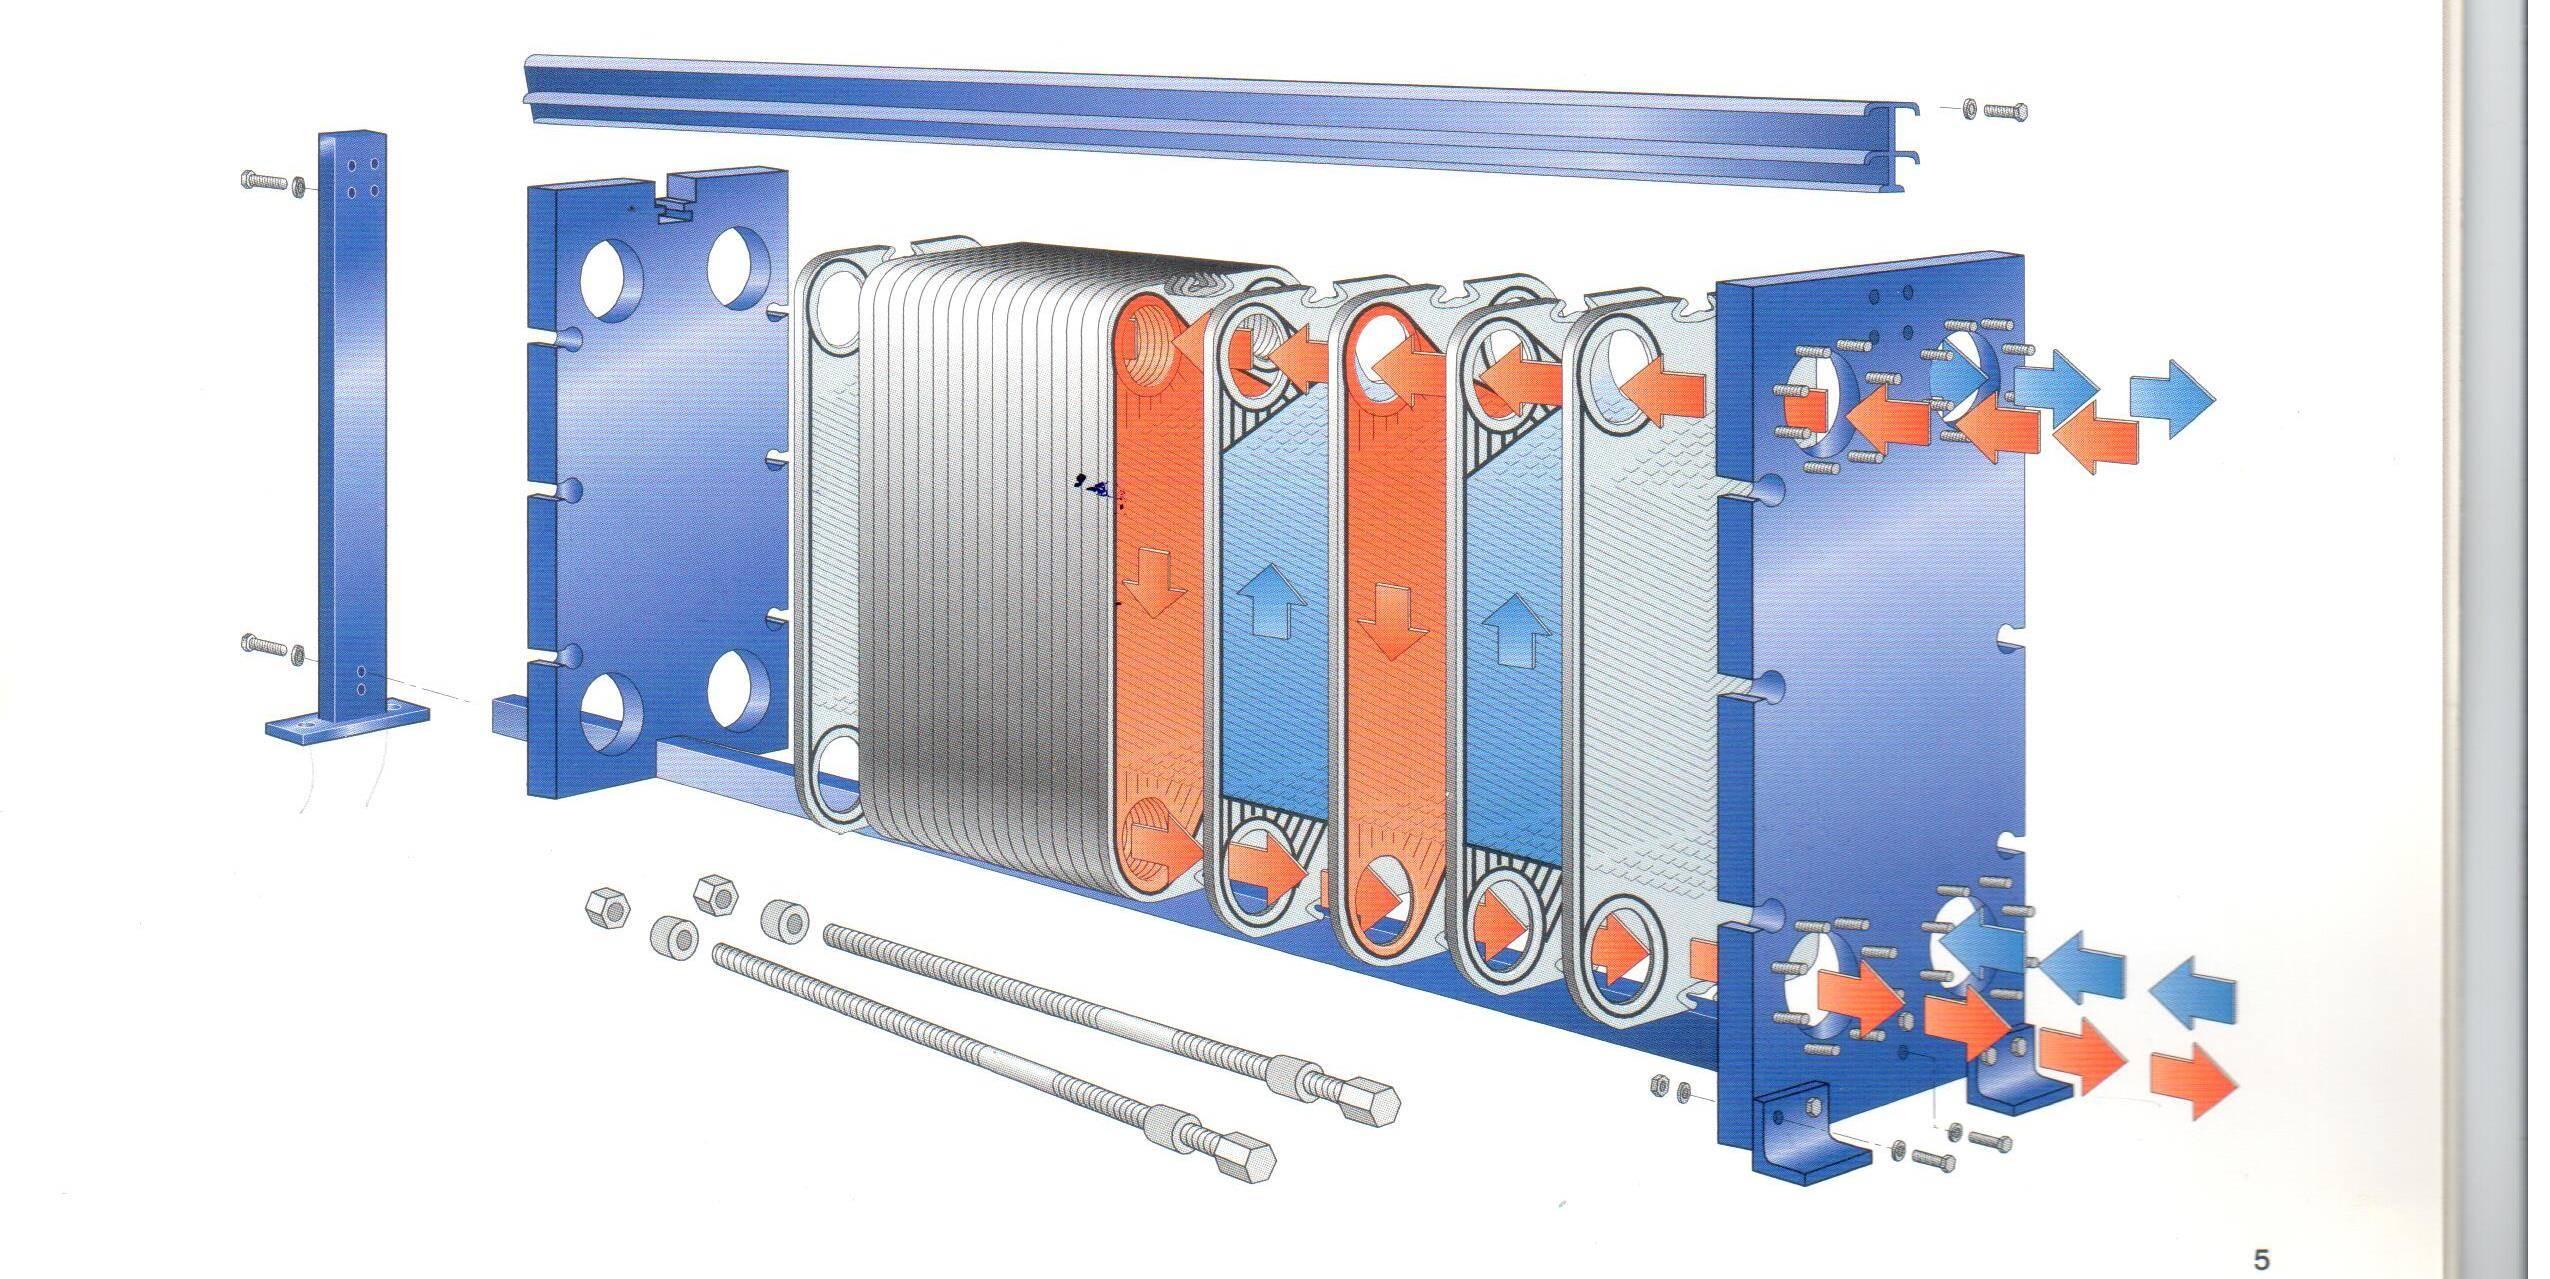 Двухконтурная система отопления, подключение двухконтурного котла - схема